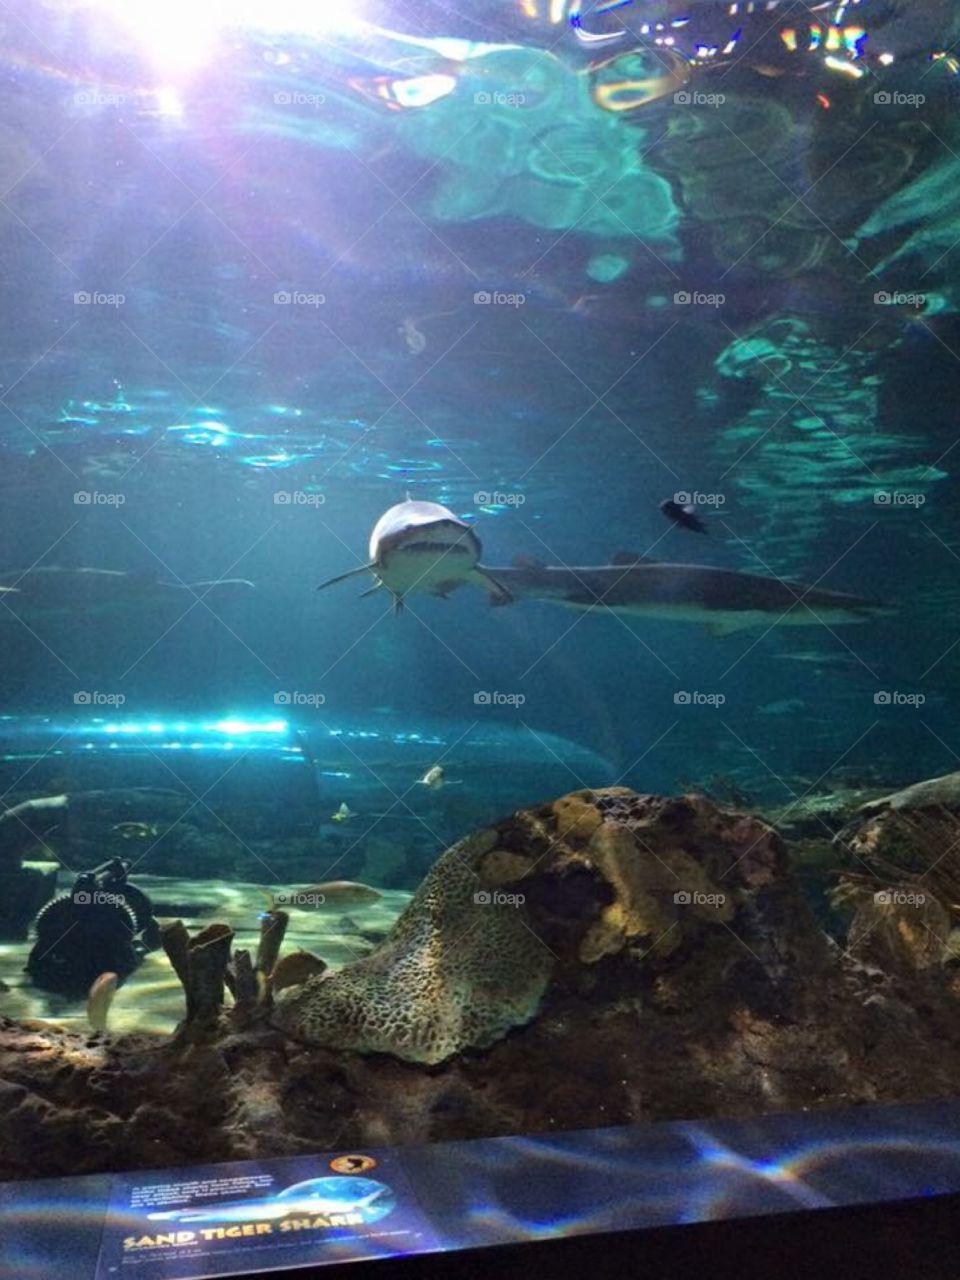 Sharks and fish at Ripley's Aquarium